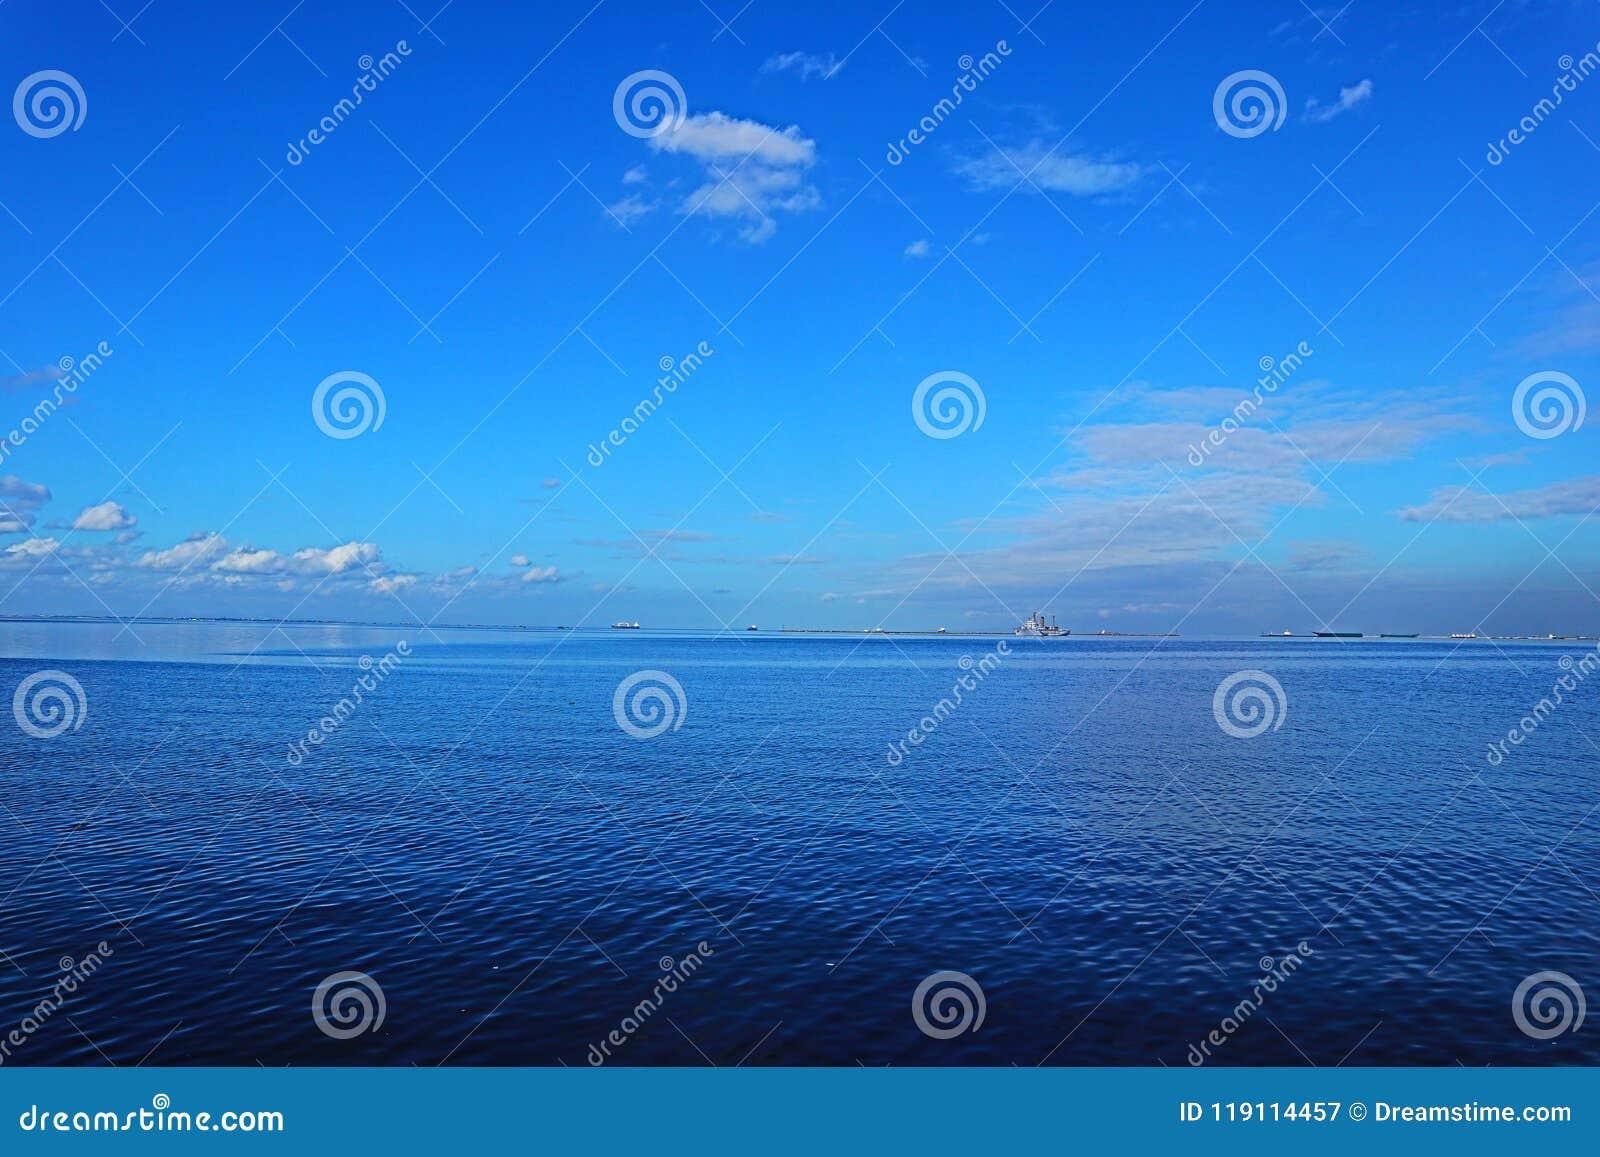 Blauwe Overzees in de Baai van Manilla